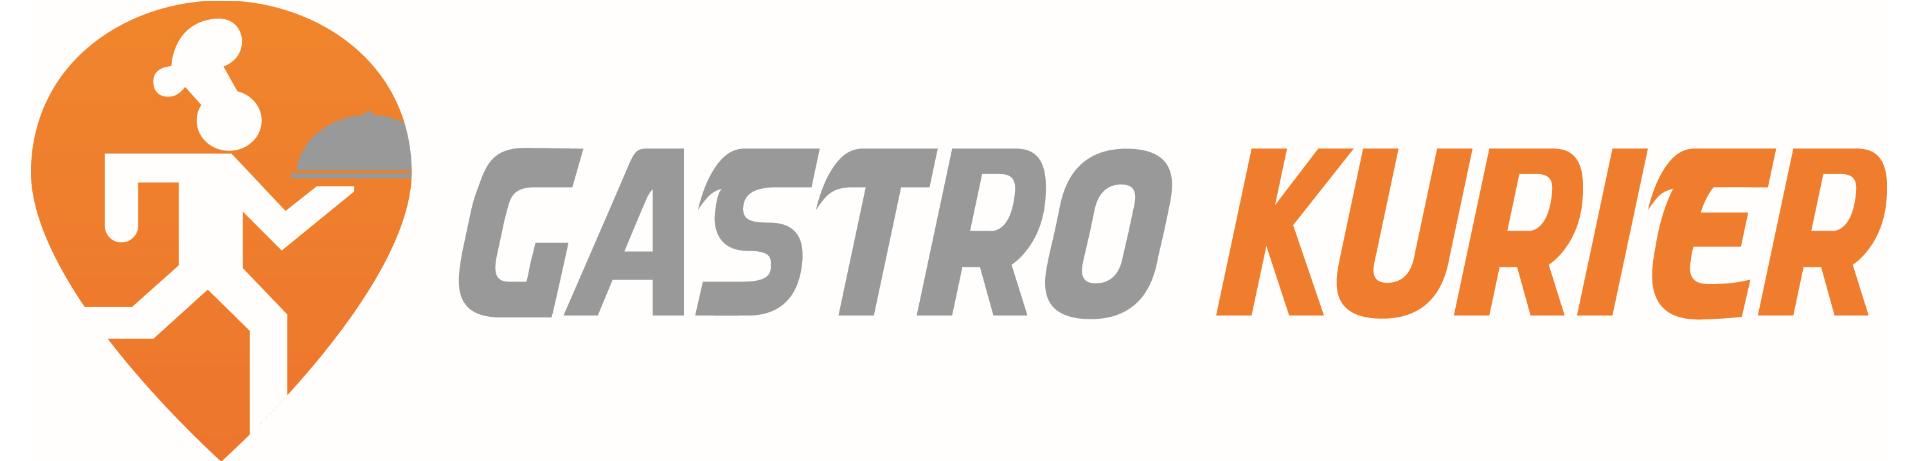 Gastro Kurier GmbH